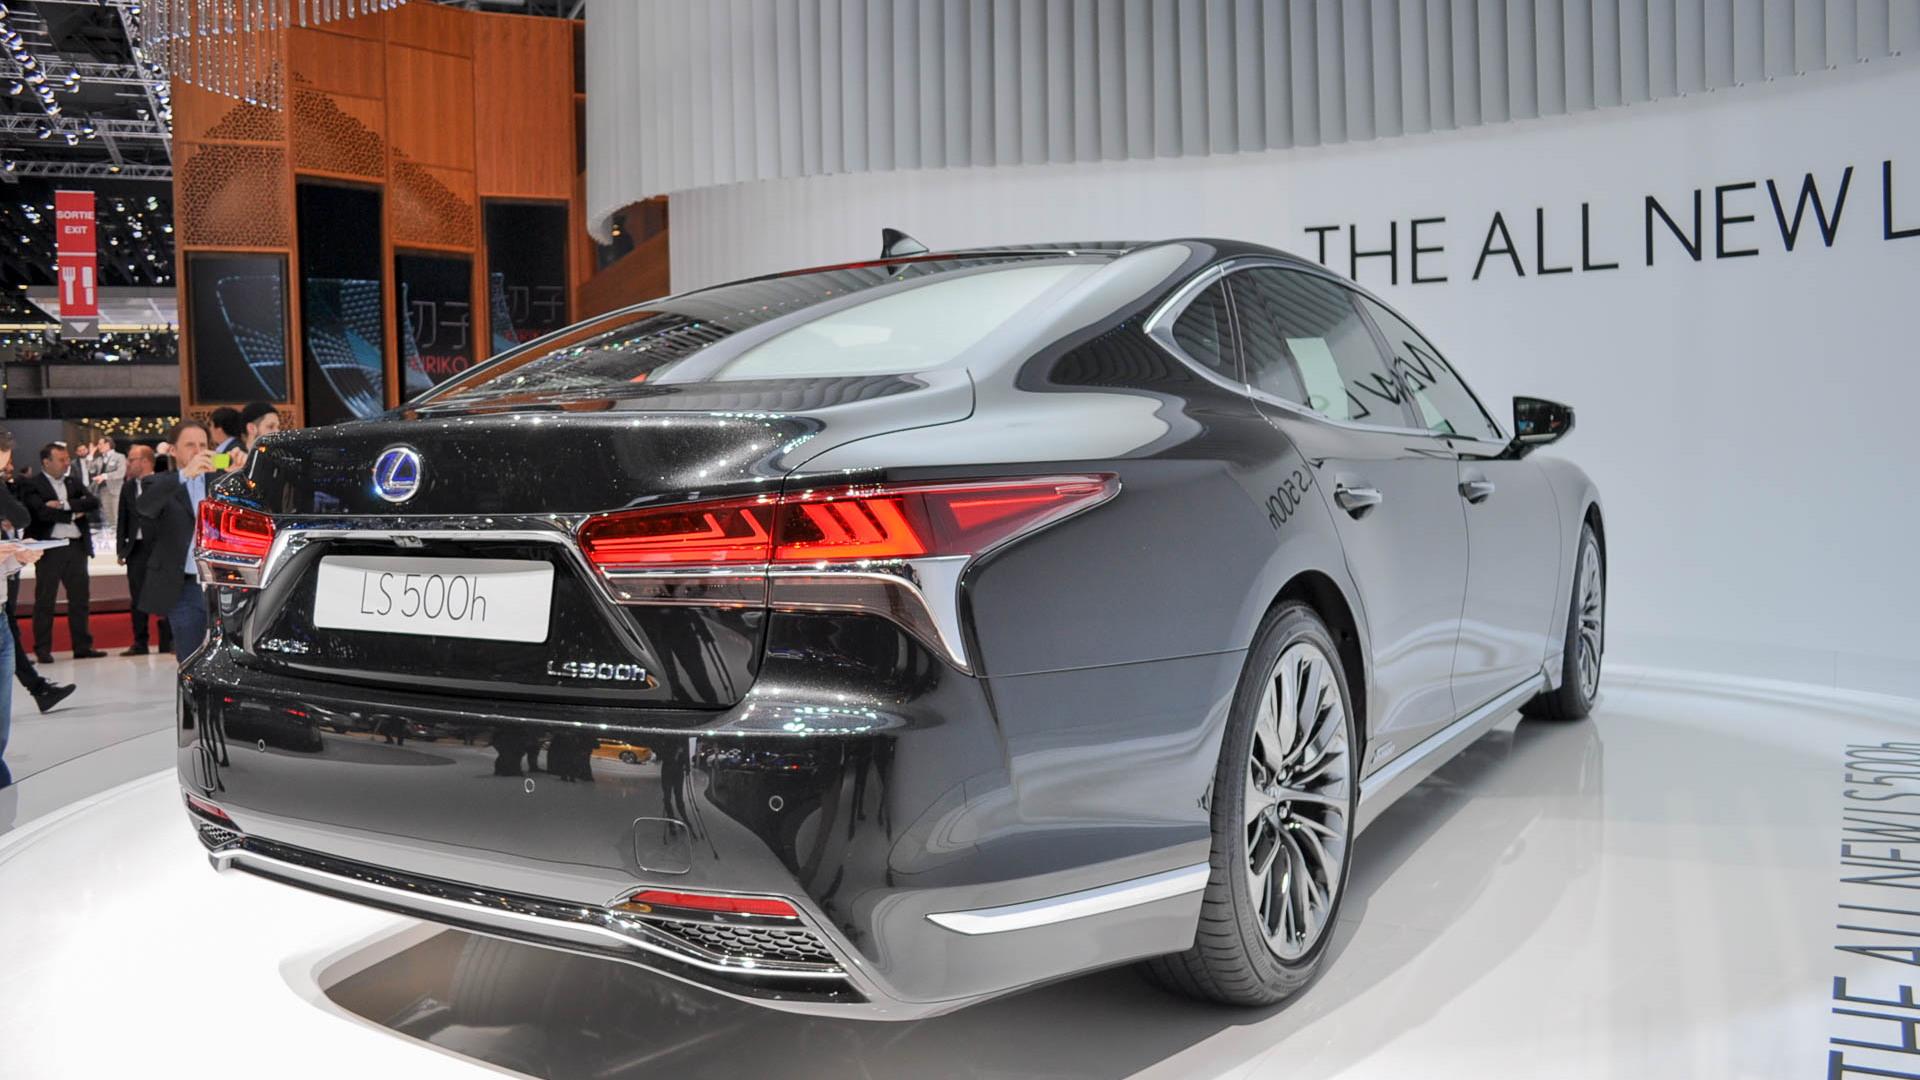 2018 Lexus LS 500h, 2017 Geneva Motor Show